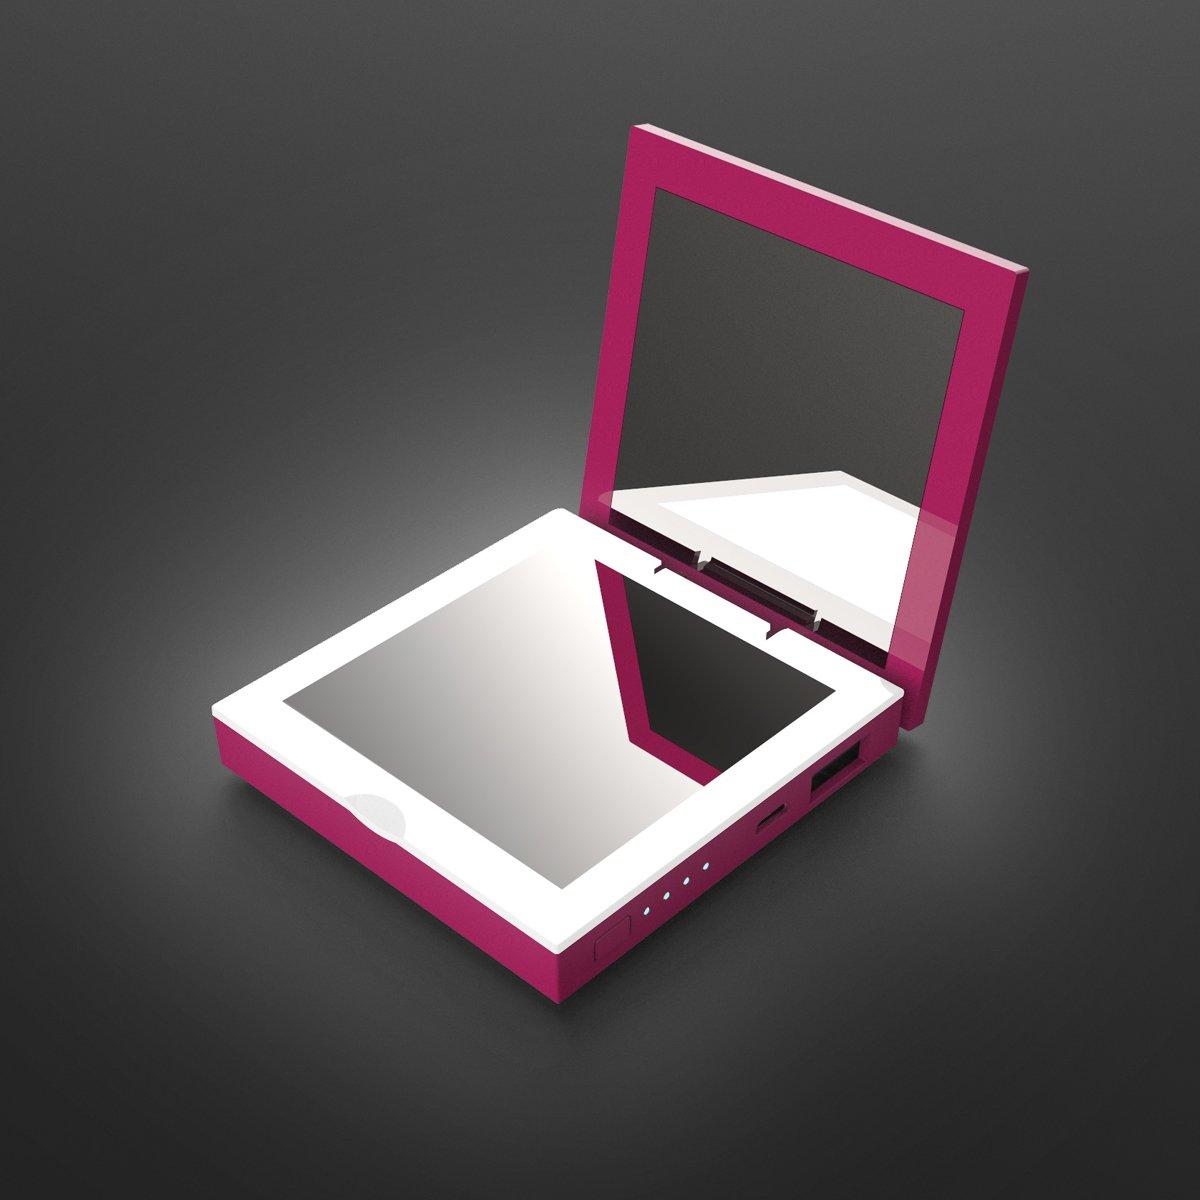 Mini Batterie Externe Miroir LED Power Bank 1600mAh Miroir de Maquillage Cosm/étique Cadeau pour maman Violet Cadeau pour femme Cadeau pour copine Cadeau pour Voyage